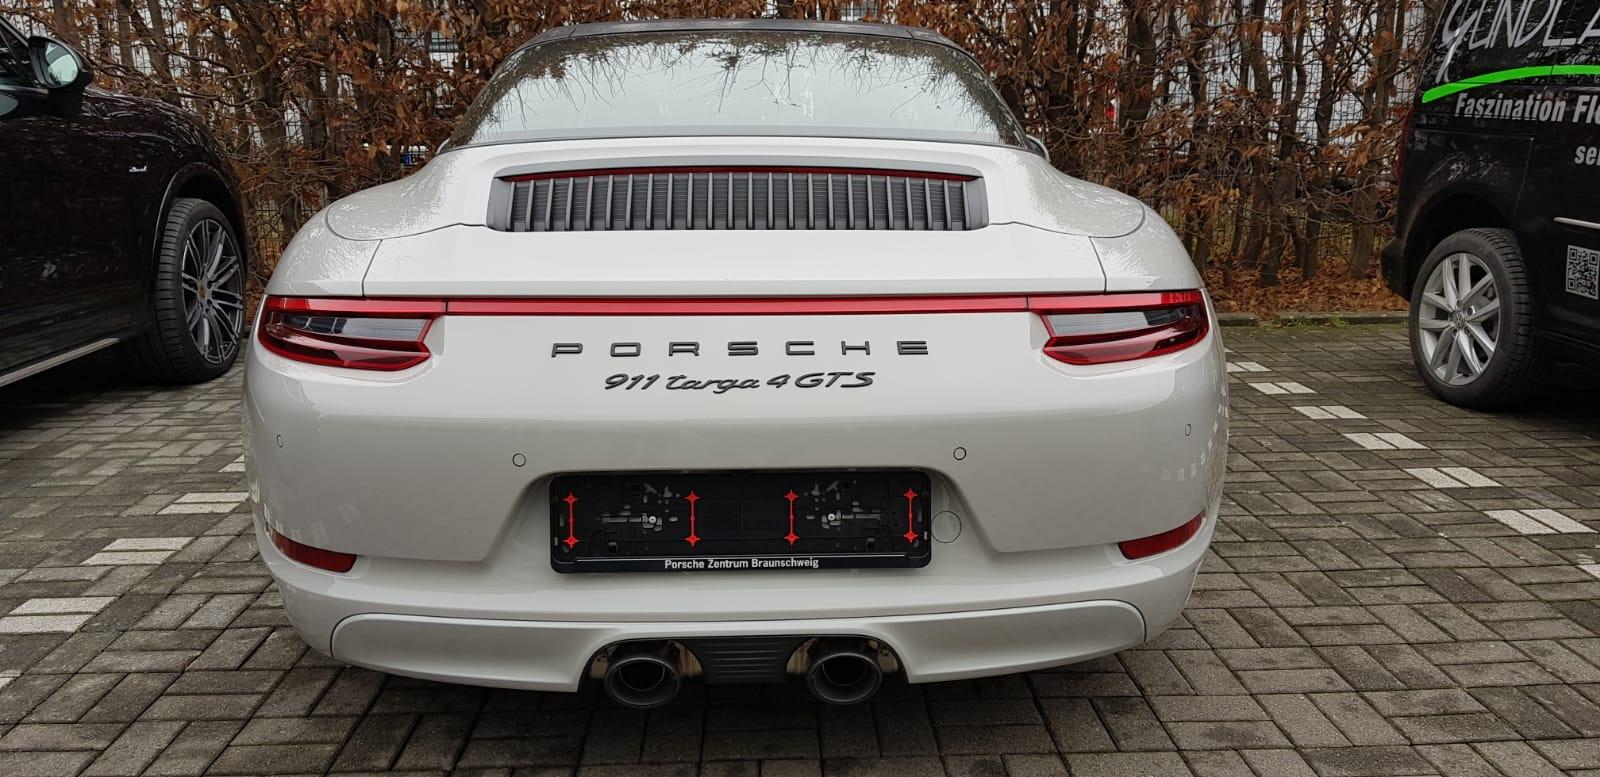 Porsche 911 Pflege Brunschweig